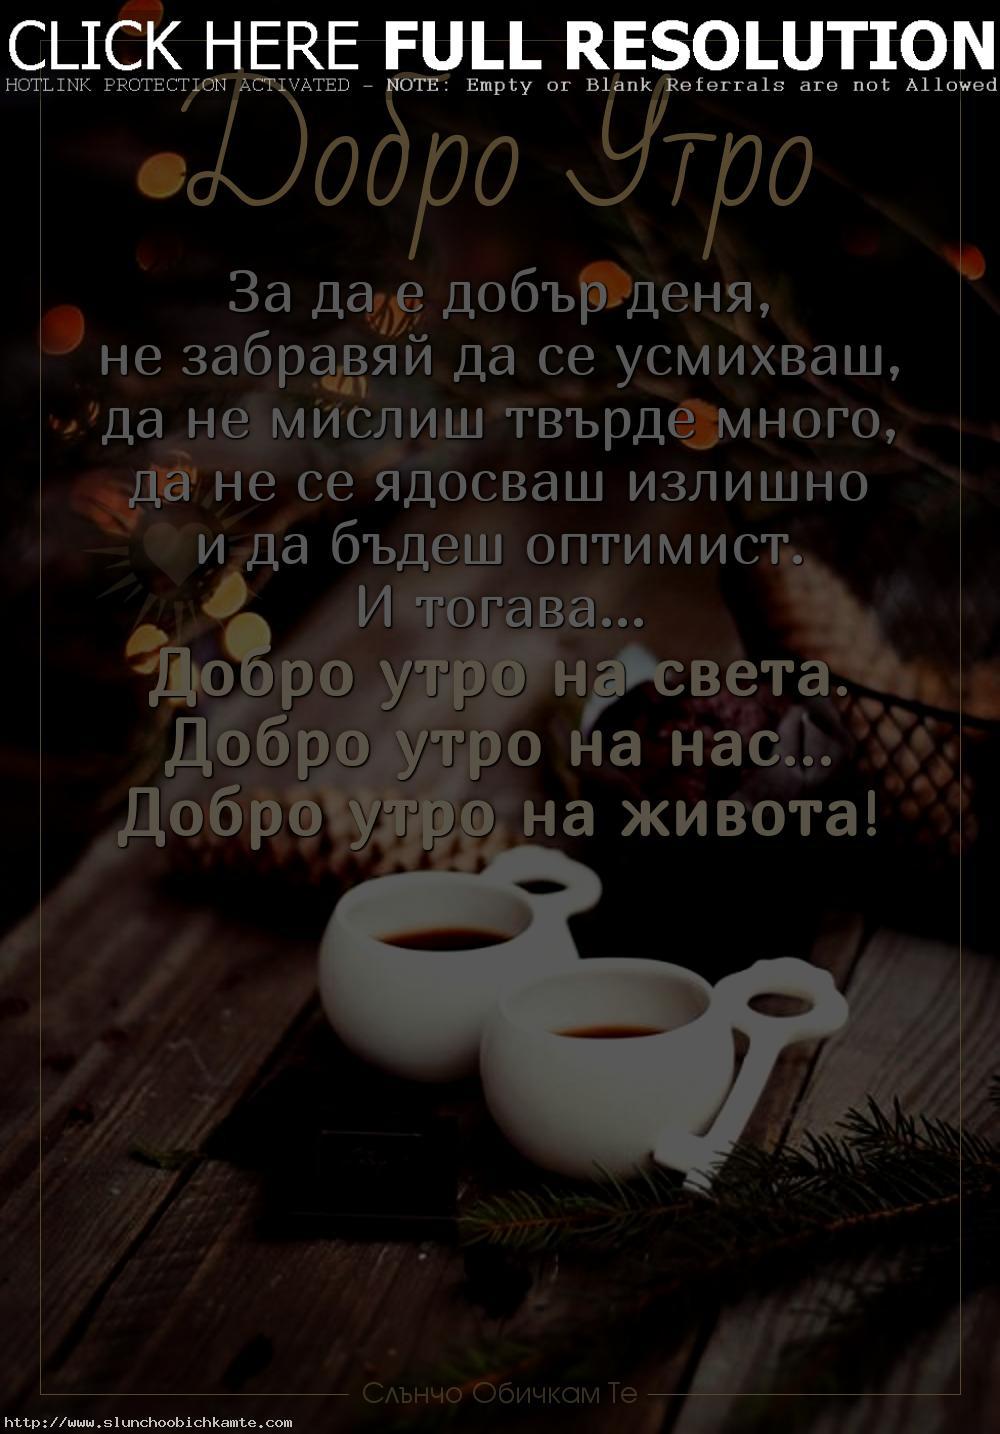 За да е добър деня, не забравяй да се усмихваш, да не мислиш твърде много, да не се ядосваш излишно и да бъдеш оптимист. И тогава, добро утро на света, добро утро на нас, добро утро на живота - Пожелания за добро утро, коледно добро утро, добро утро зима декември